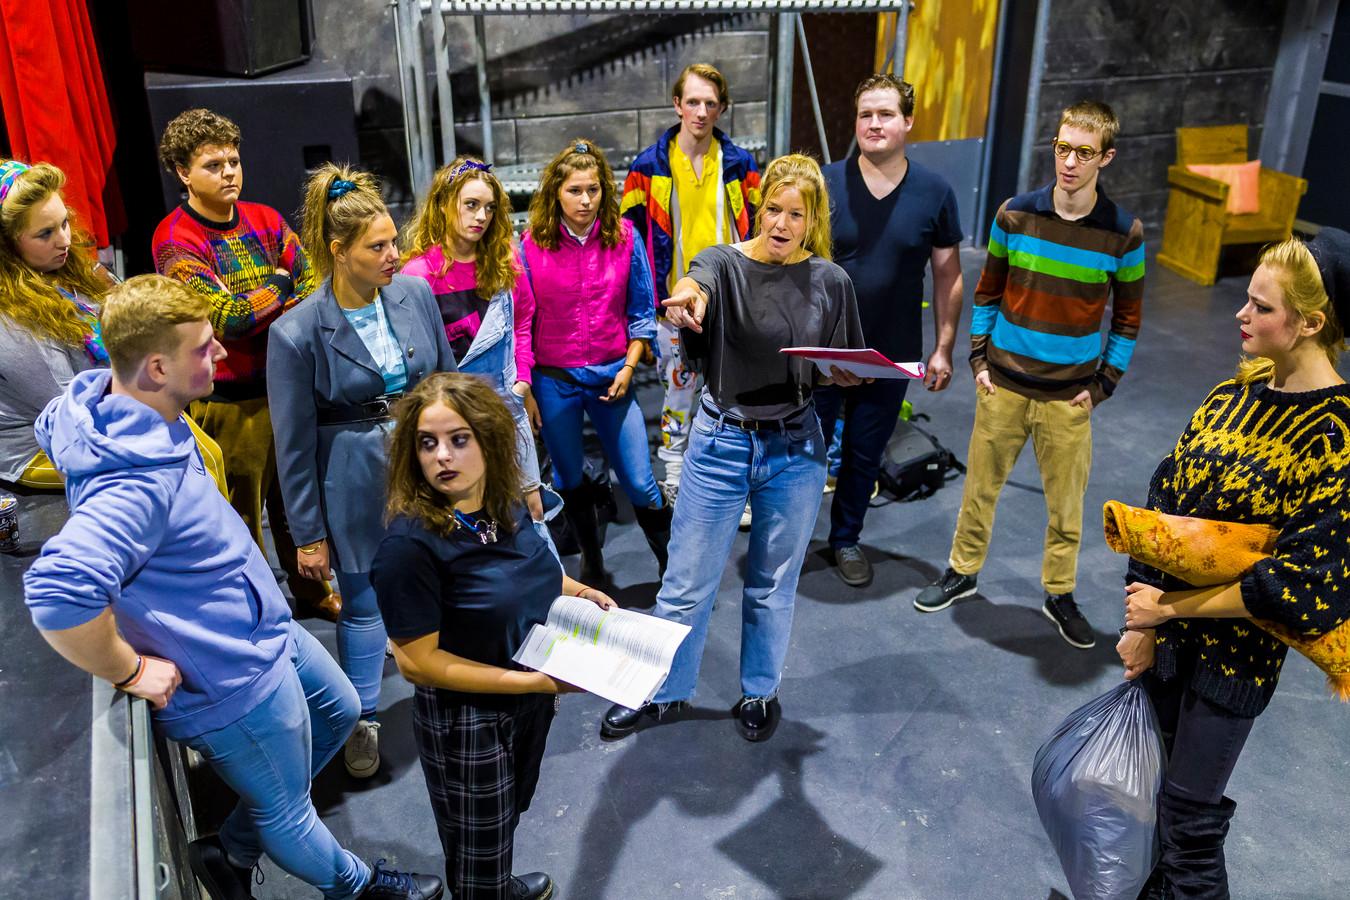 Wendy de Kok (midden), drijvende kracht achter het Wenstheater, is een online petitie gestart om de subsidie voor jongerencentrum Tavenu te behouden. Er zijn inmiddels ruim 2600 steunbetuigingen